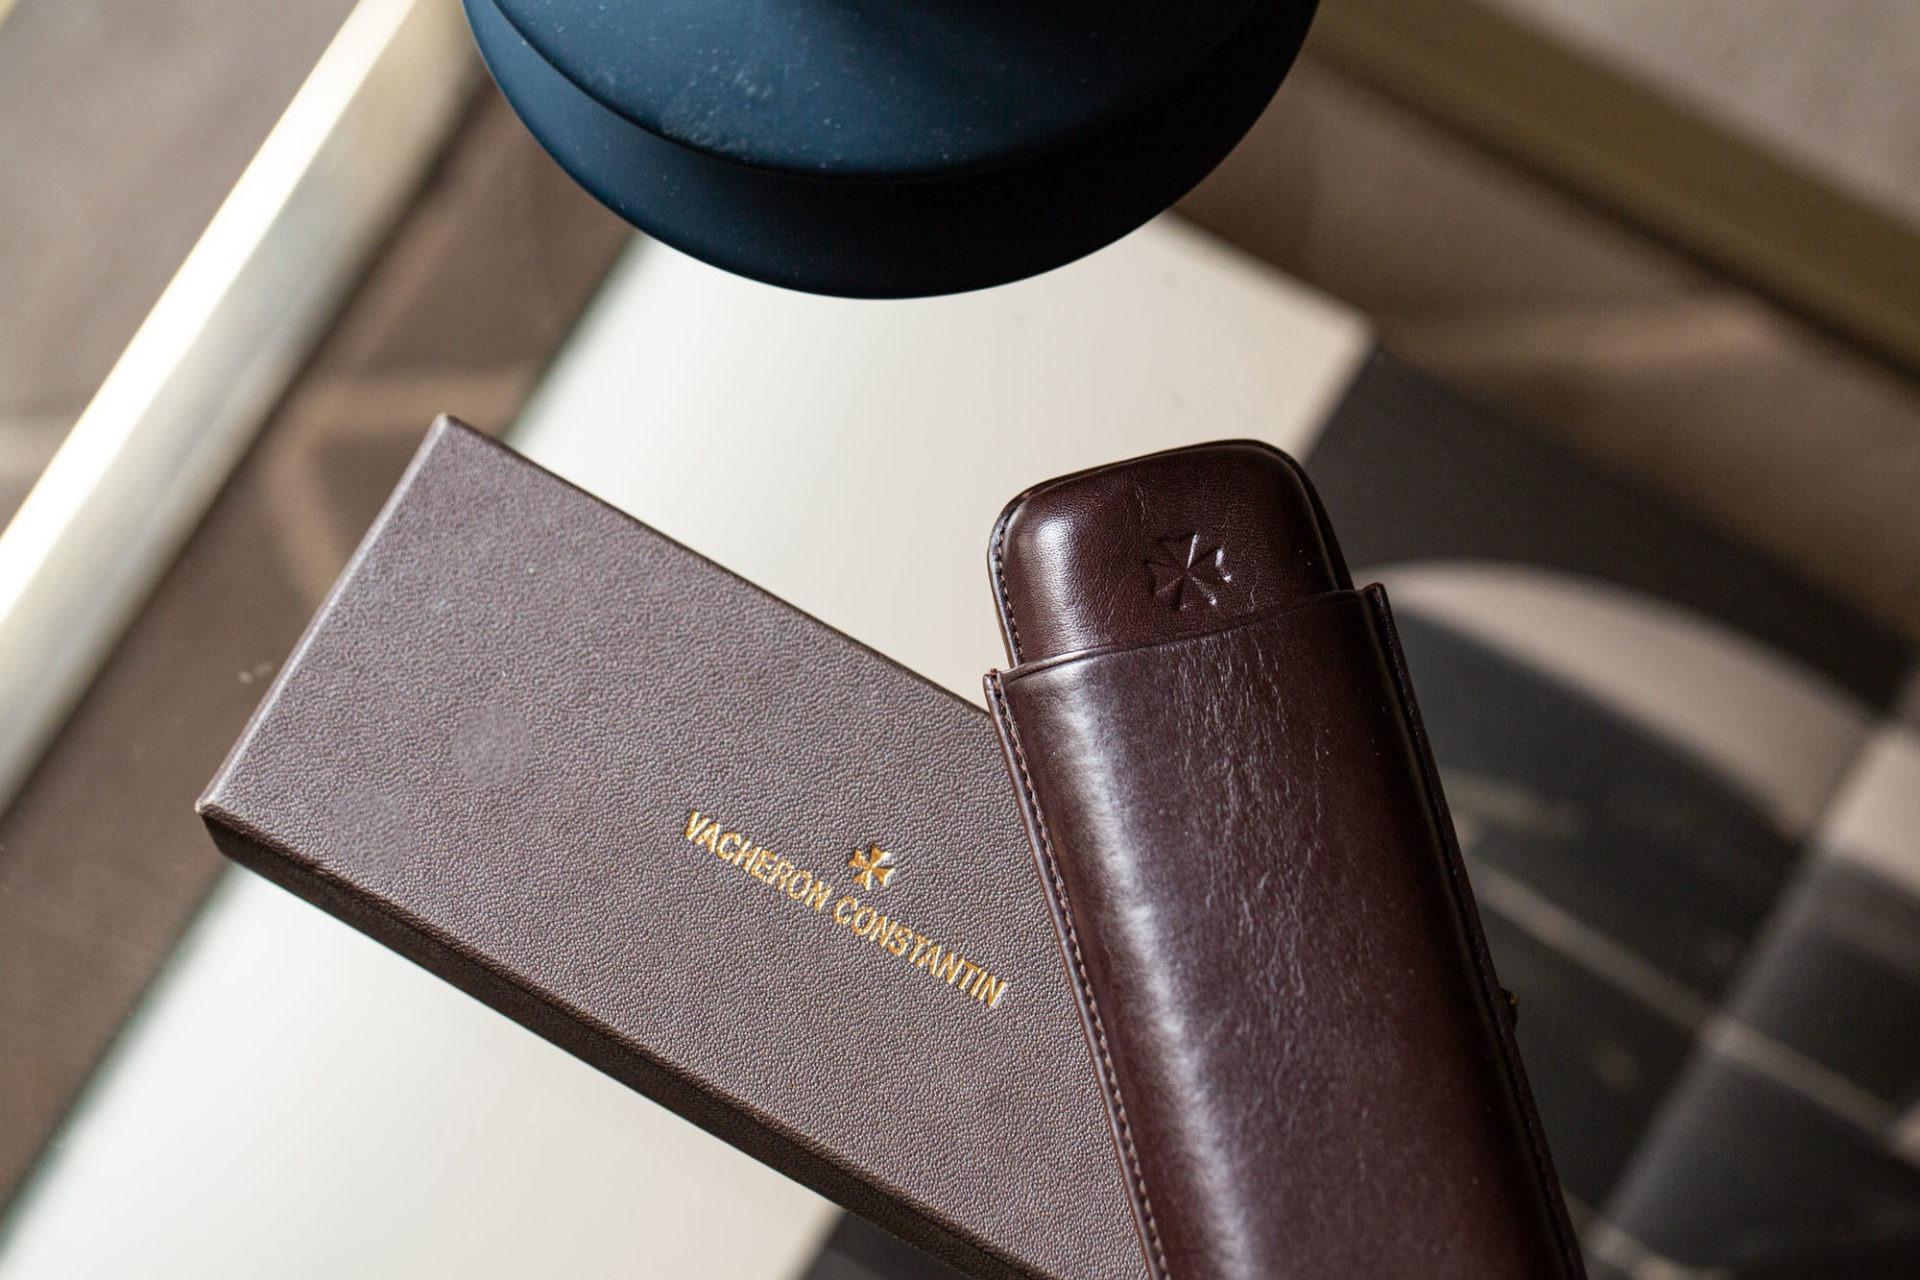 Étui à cigares Vacheron Constantin - Sélection d'objets chez Joseph Bonnie